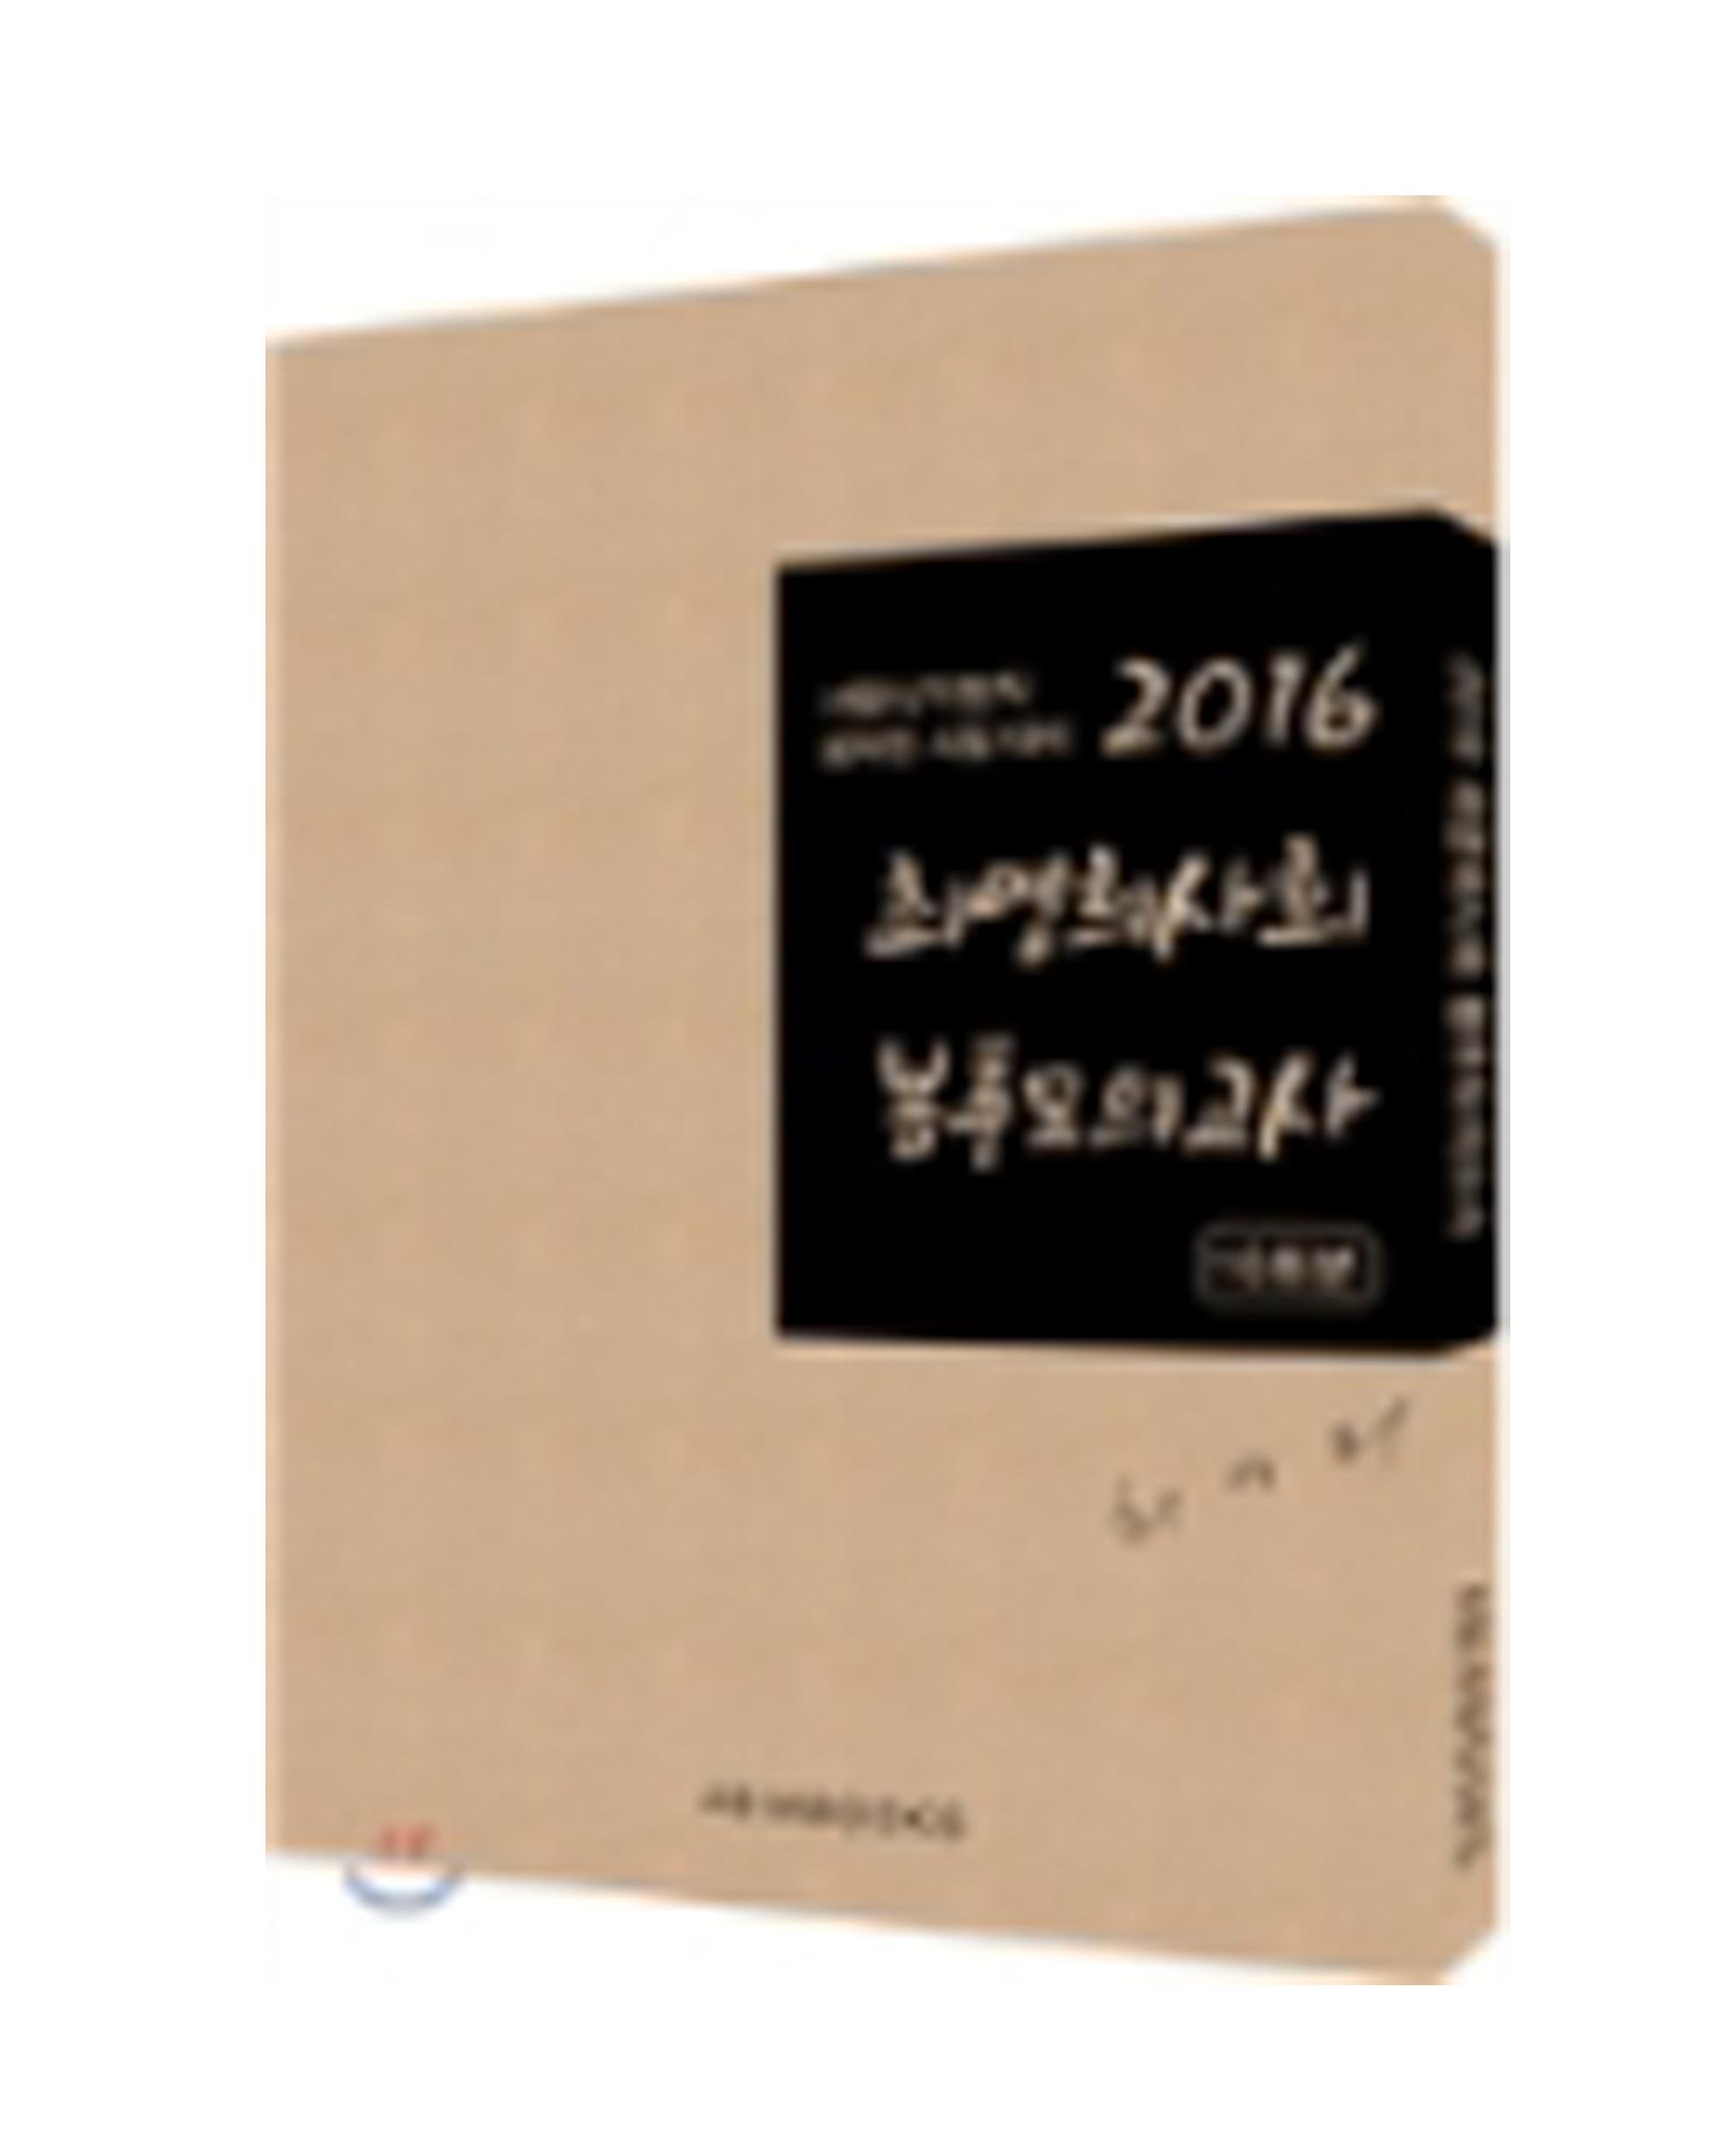 2016 최영희 사회 봉투모의고사